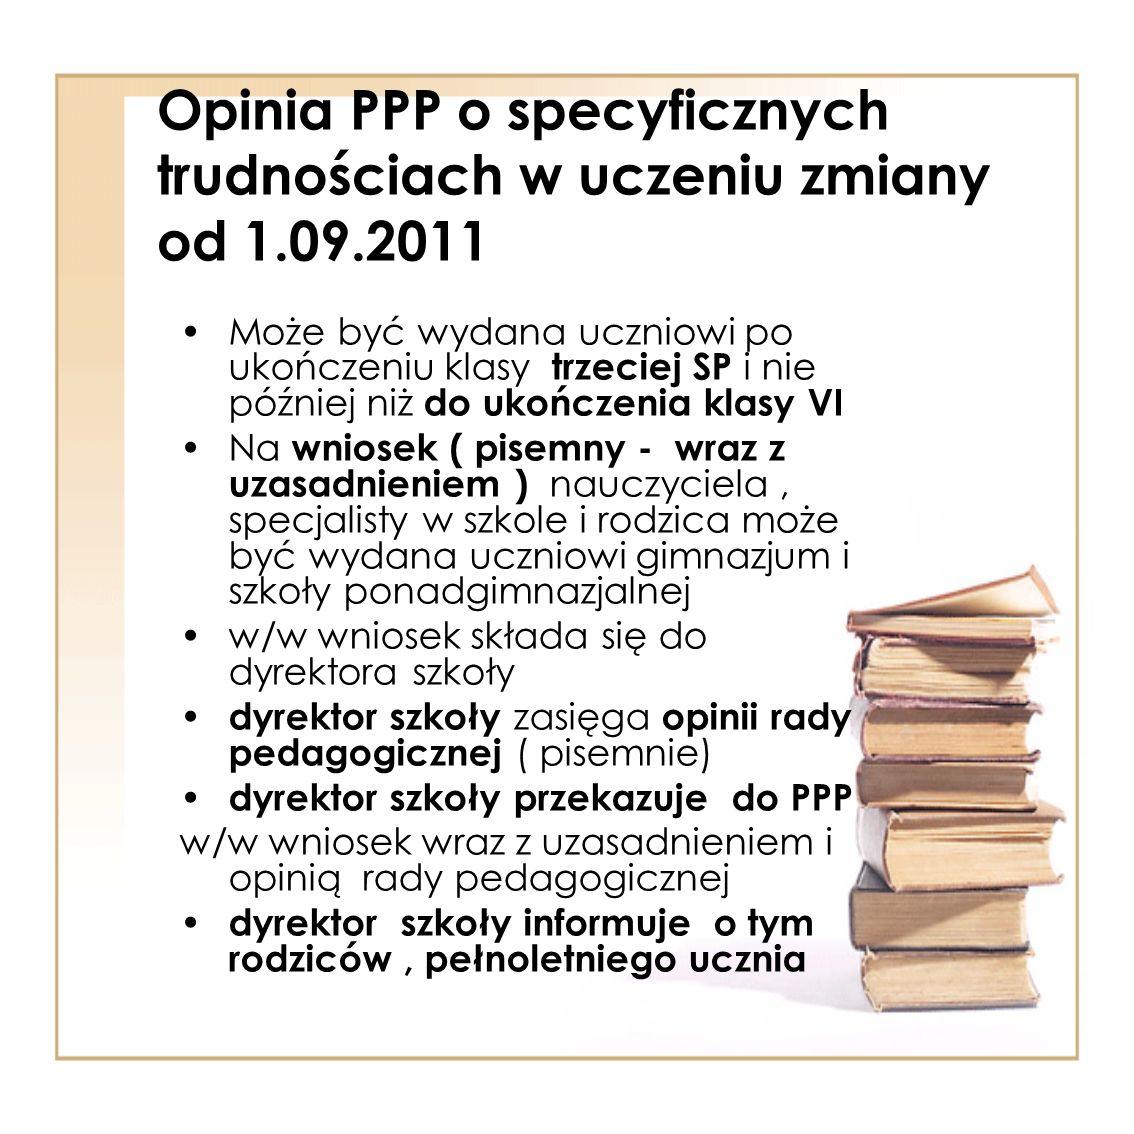 Opinia PPP o specyficznych trudnościach w uczeniu zmiany od 1.09.2011